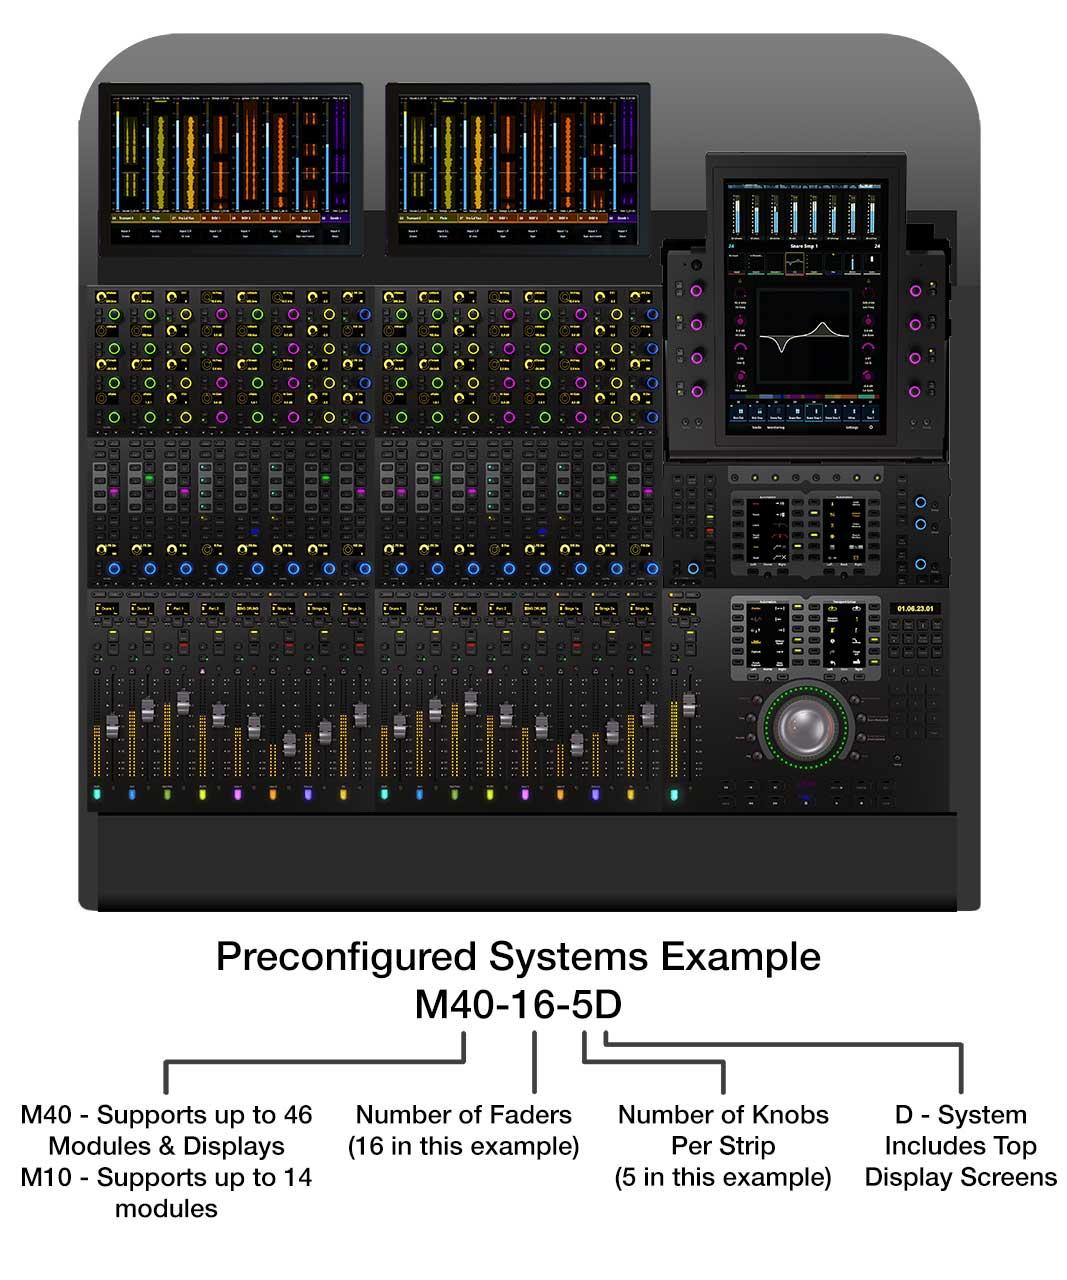 S6 Preconfigured Example